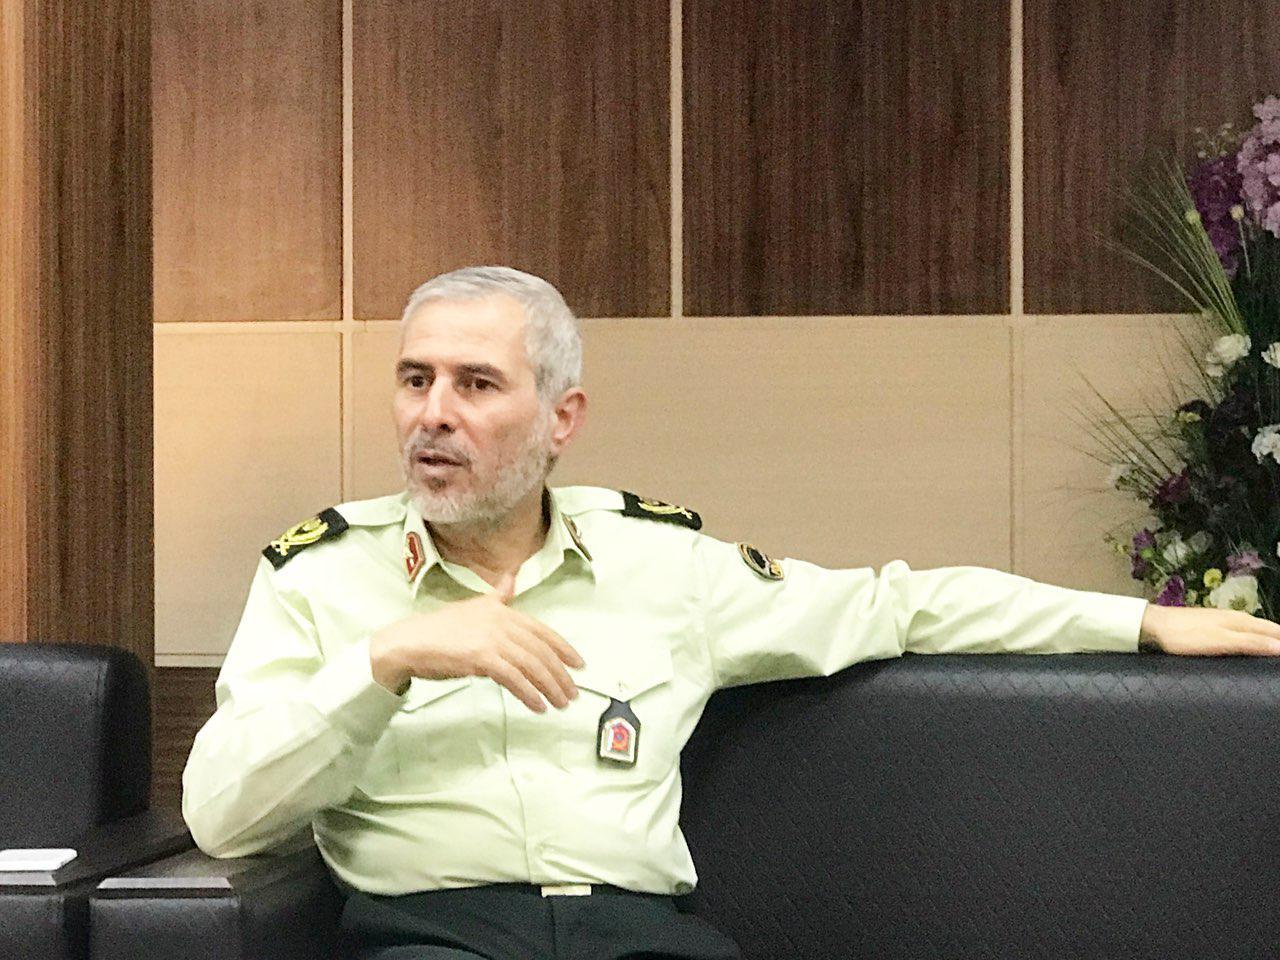 آغاز اجرای طرح مبارزه با داروهای غیرمجاز و تقلبی در فضای مجازی آذربایجان غربی